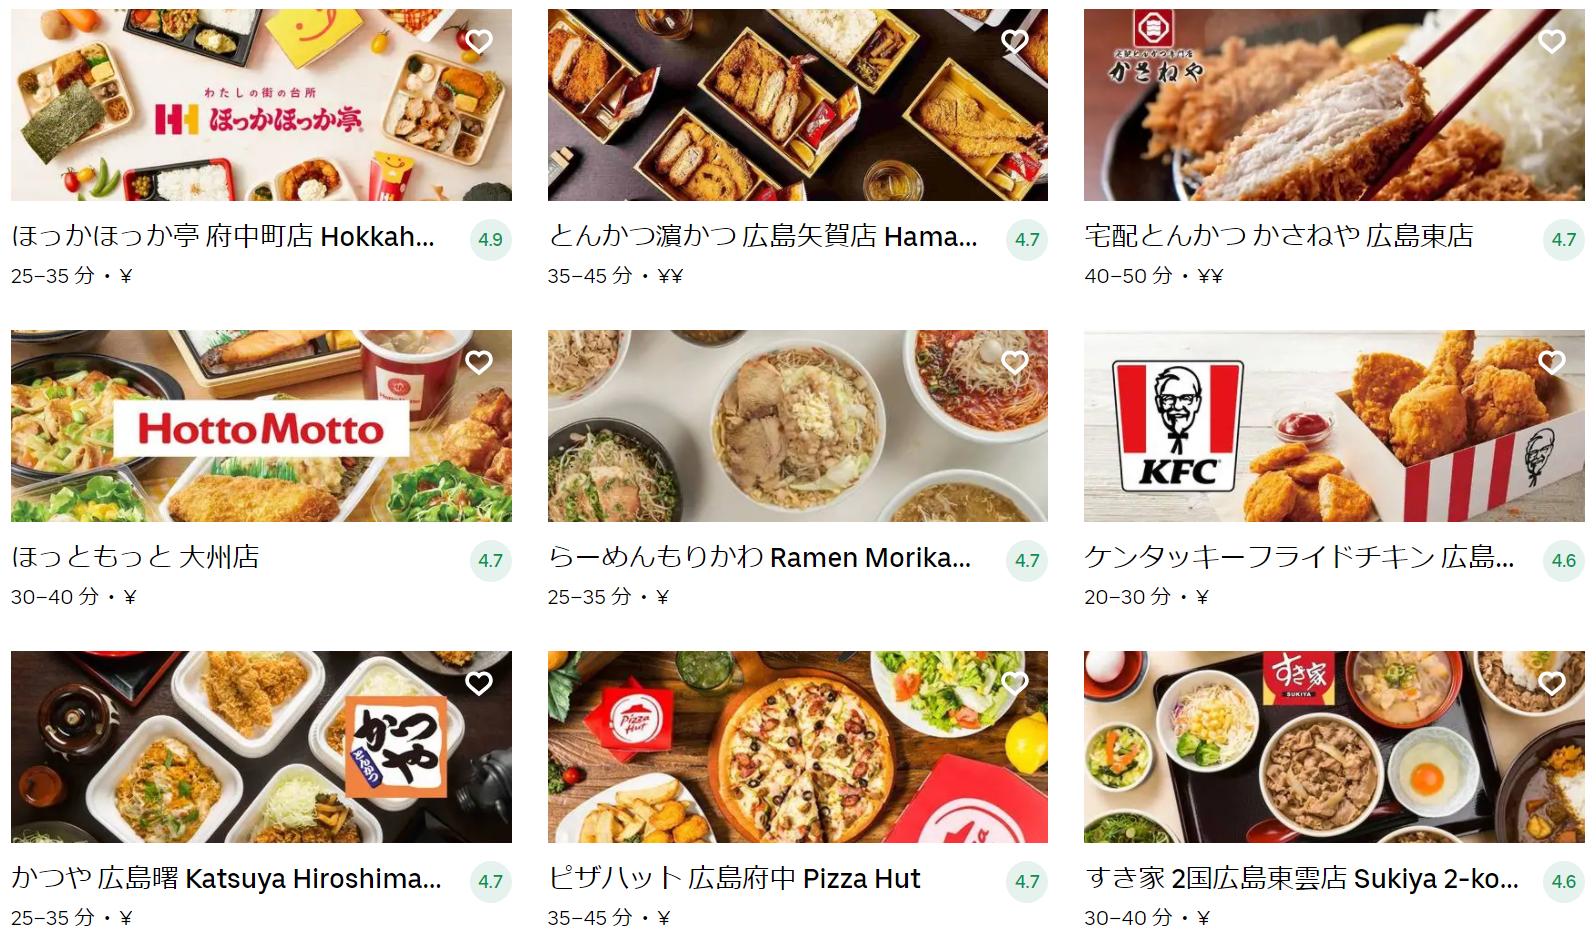 府中町エリアのUber Eats(ウーバーイーツ)メニュー